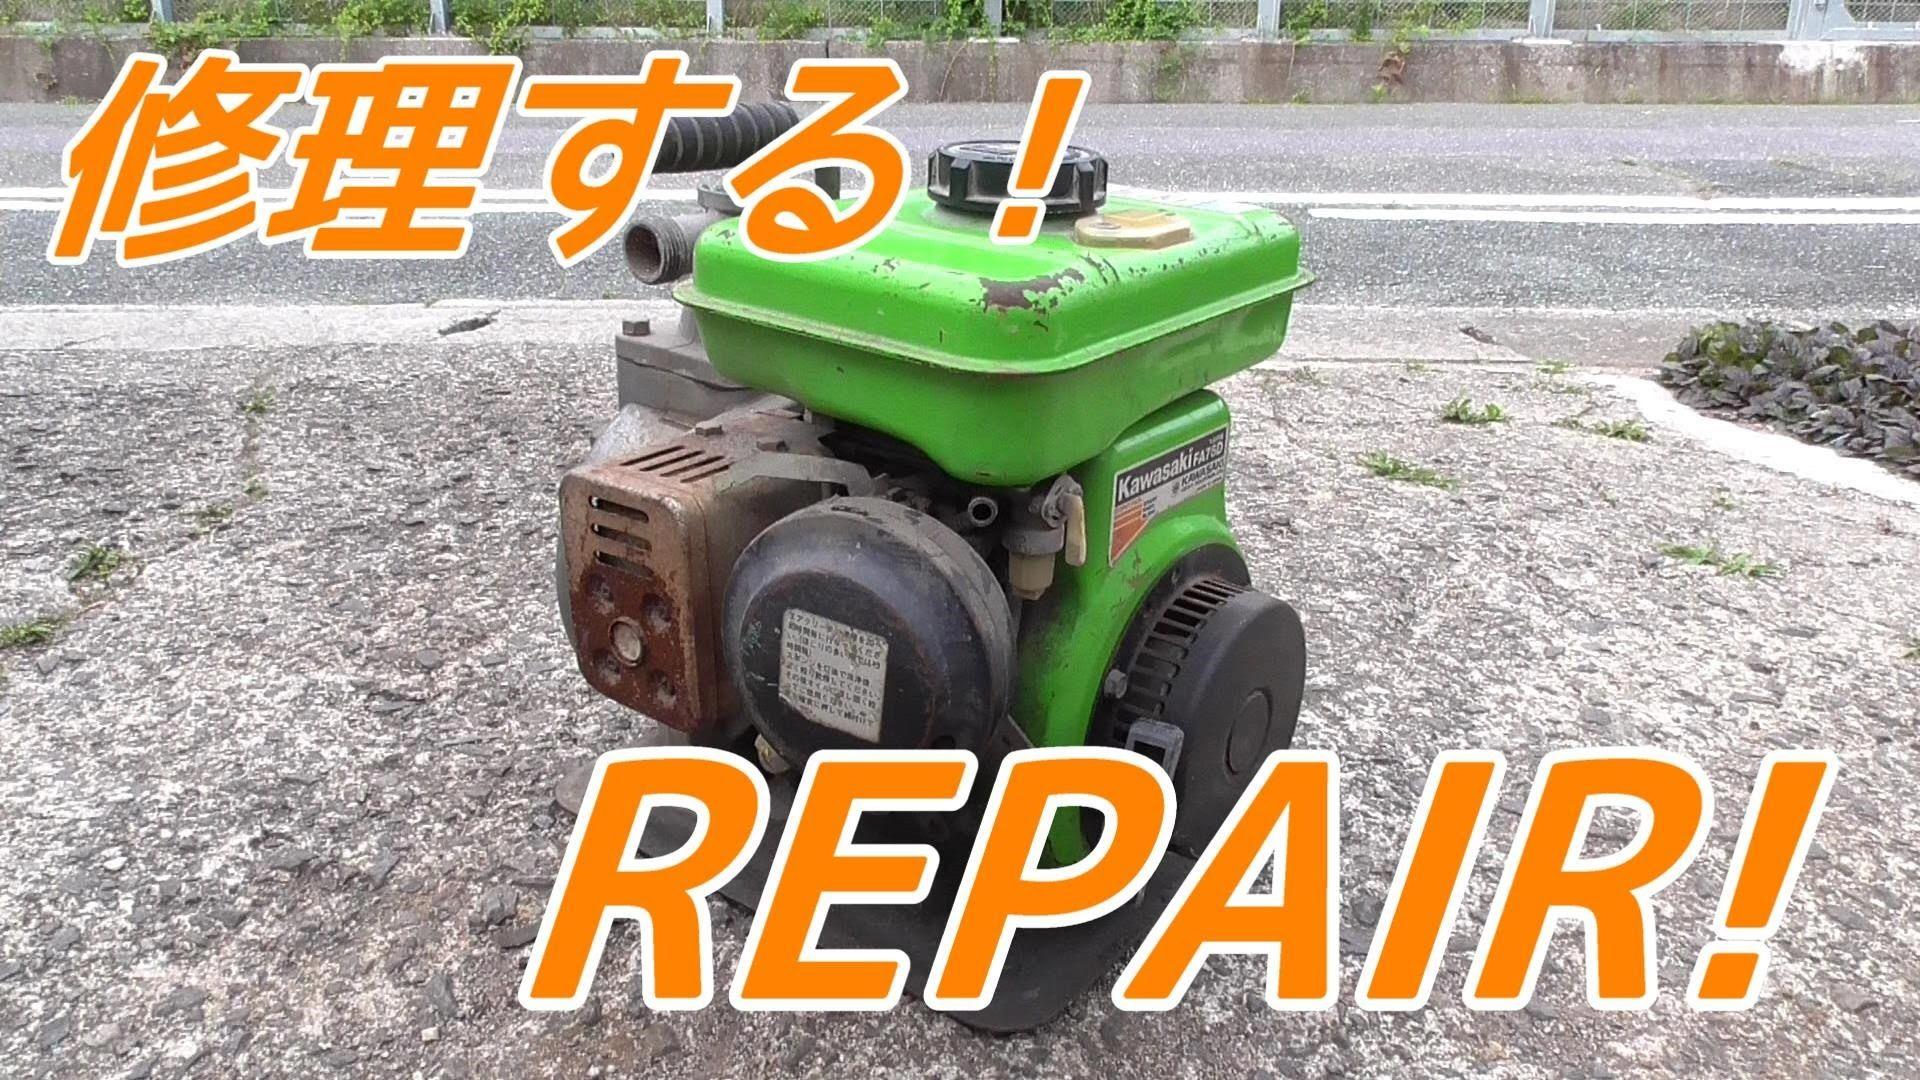 壊れたエンジンポンプを修理する!Broken engine pump Repair!